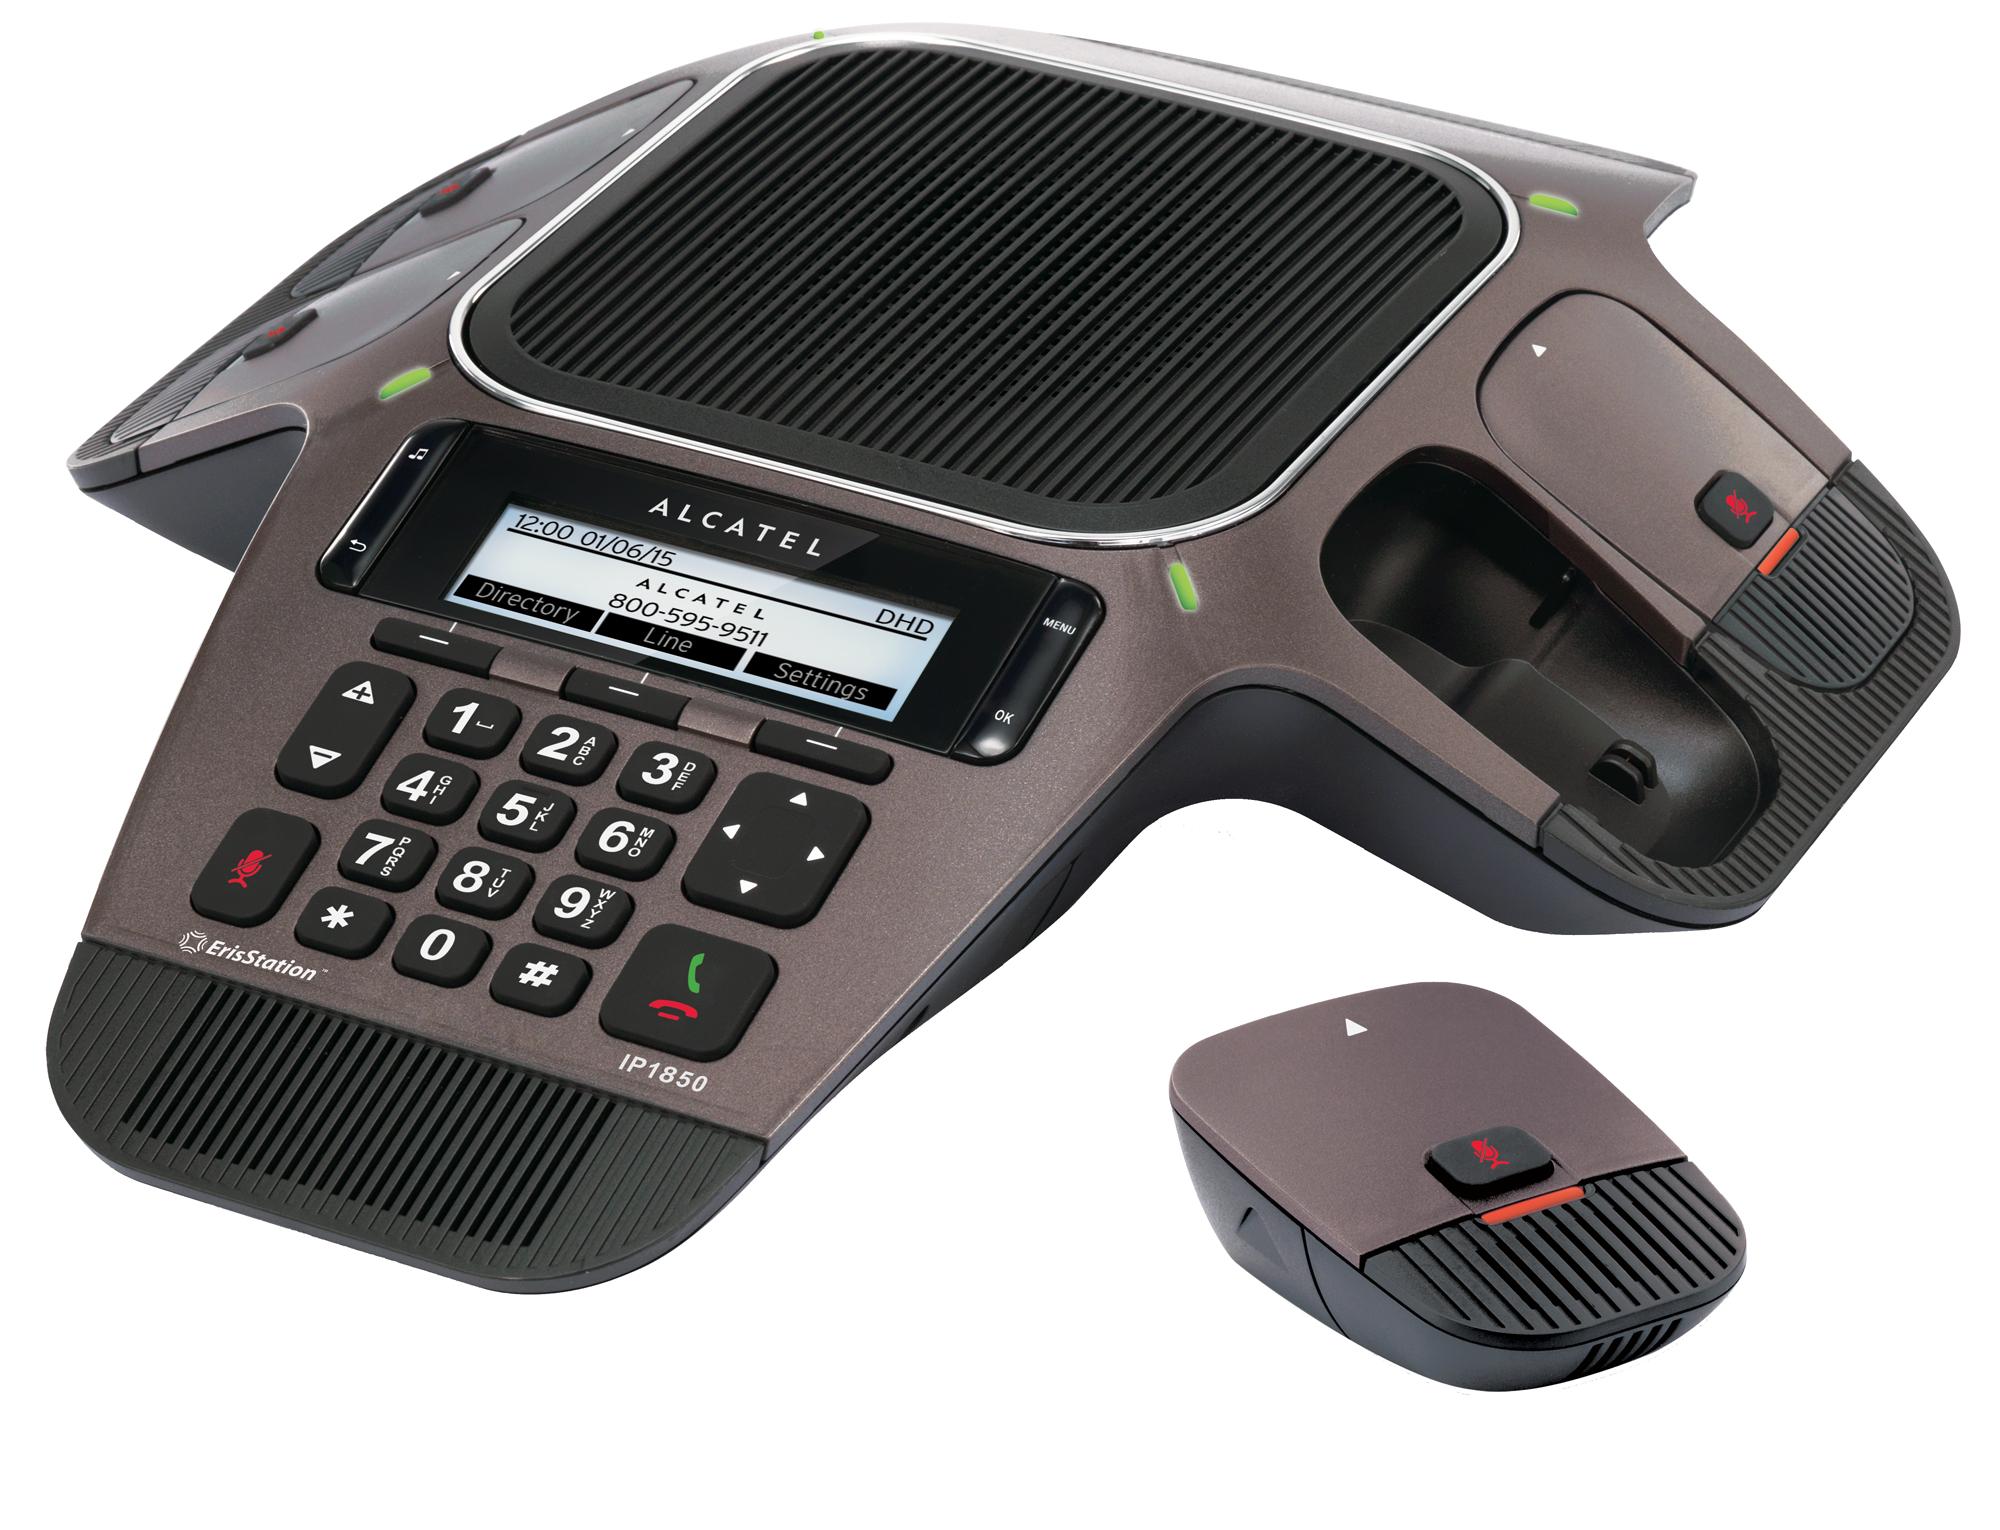 Atlinks IP1850 MASSCOMM